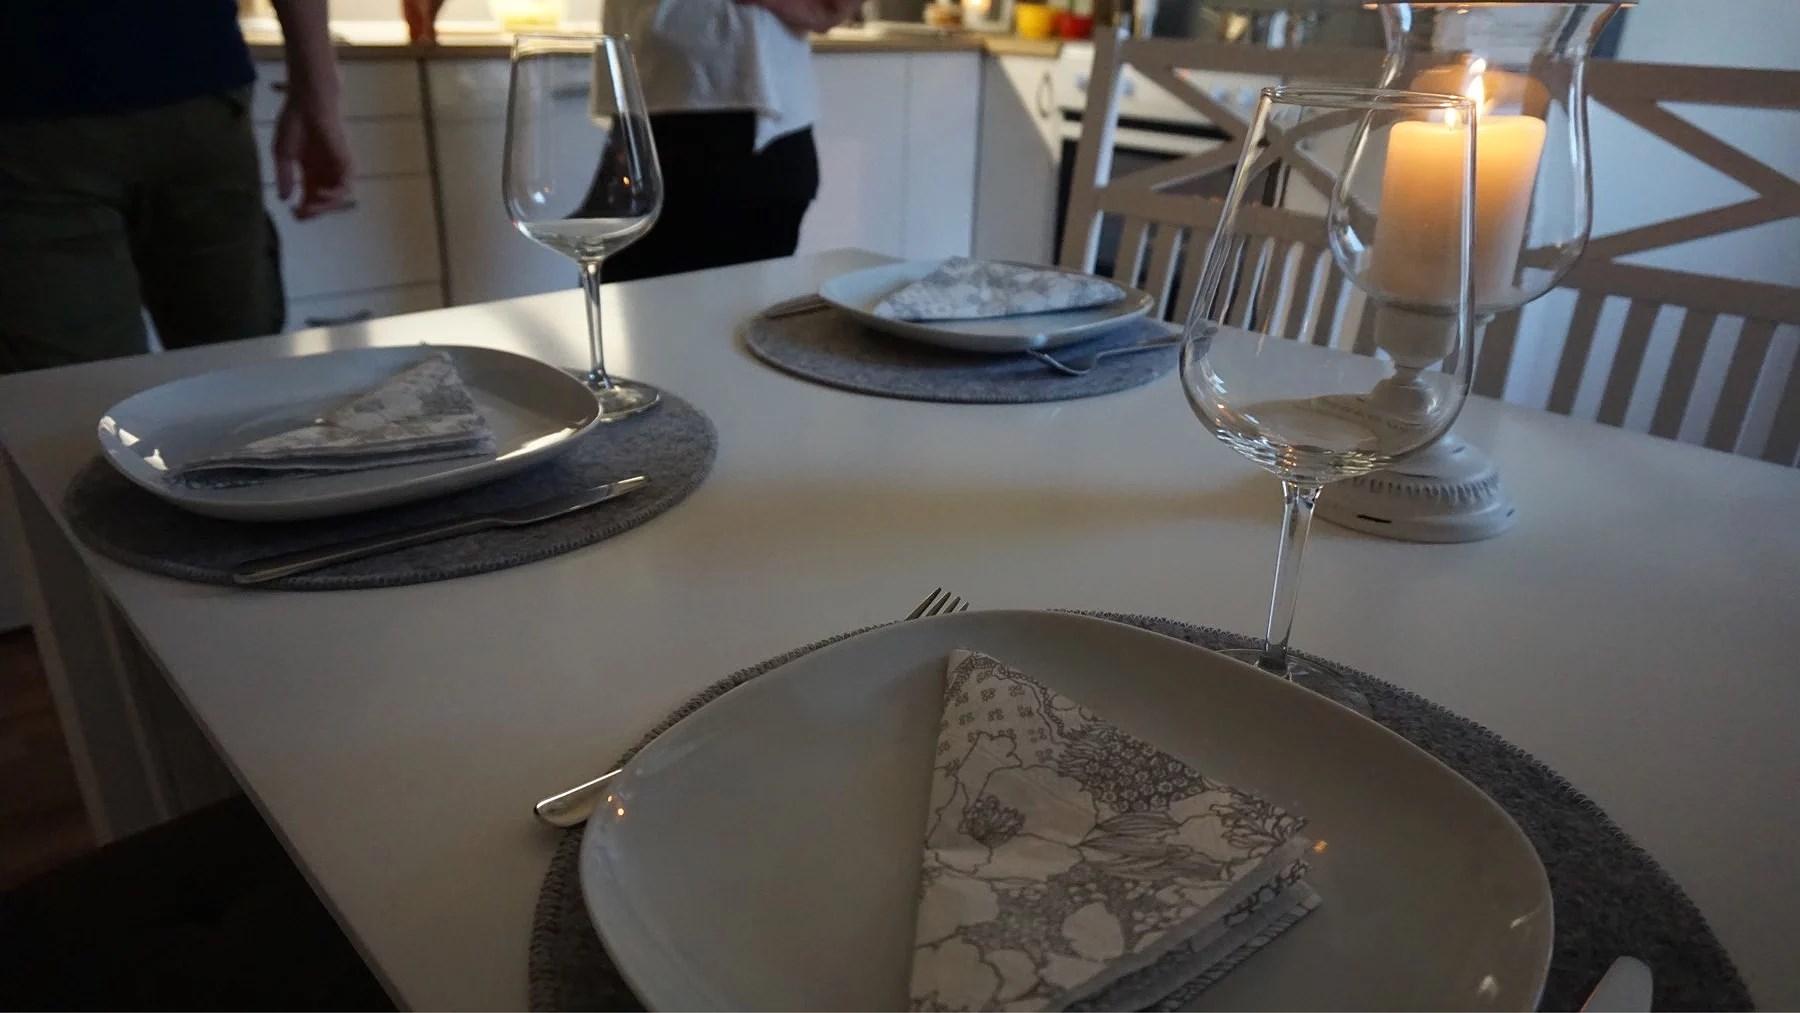 Söndagsmiddagen hos svärmor